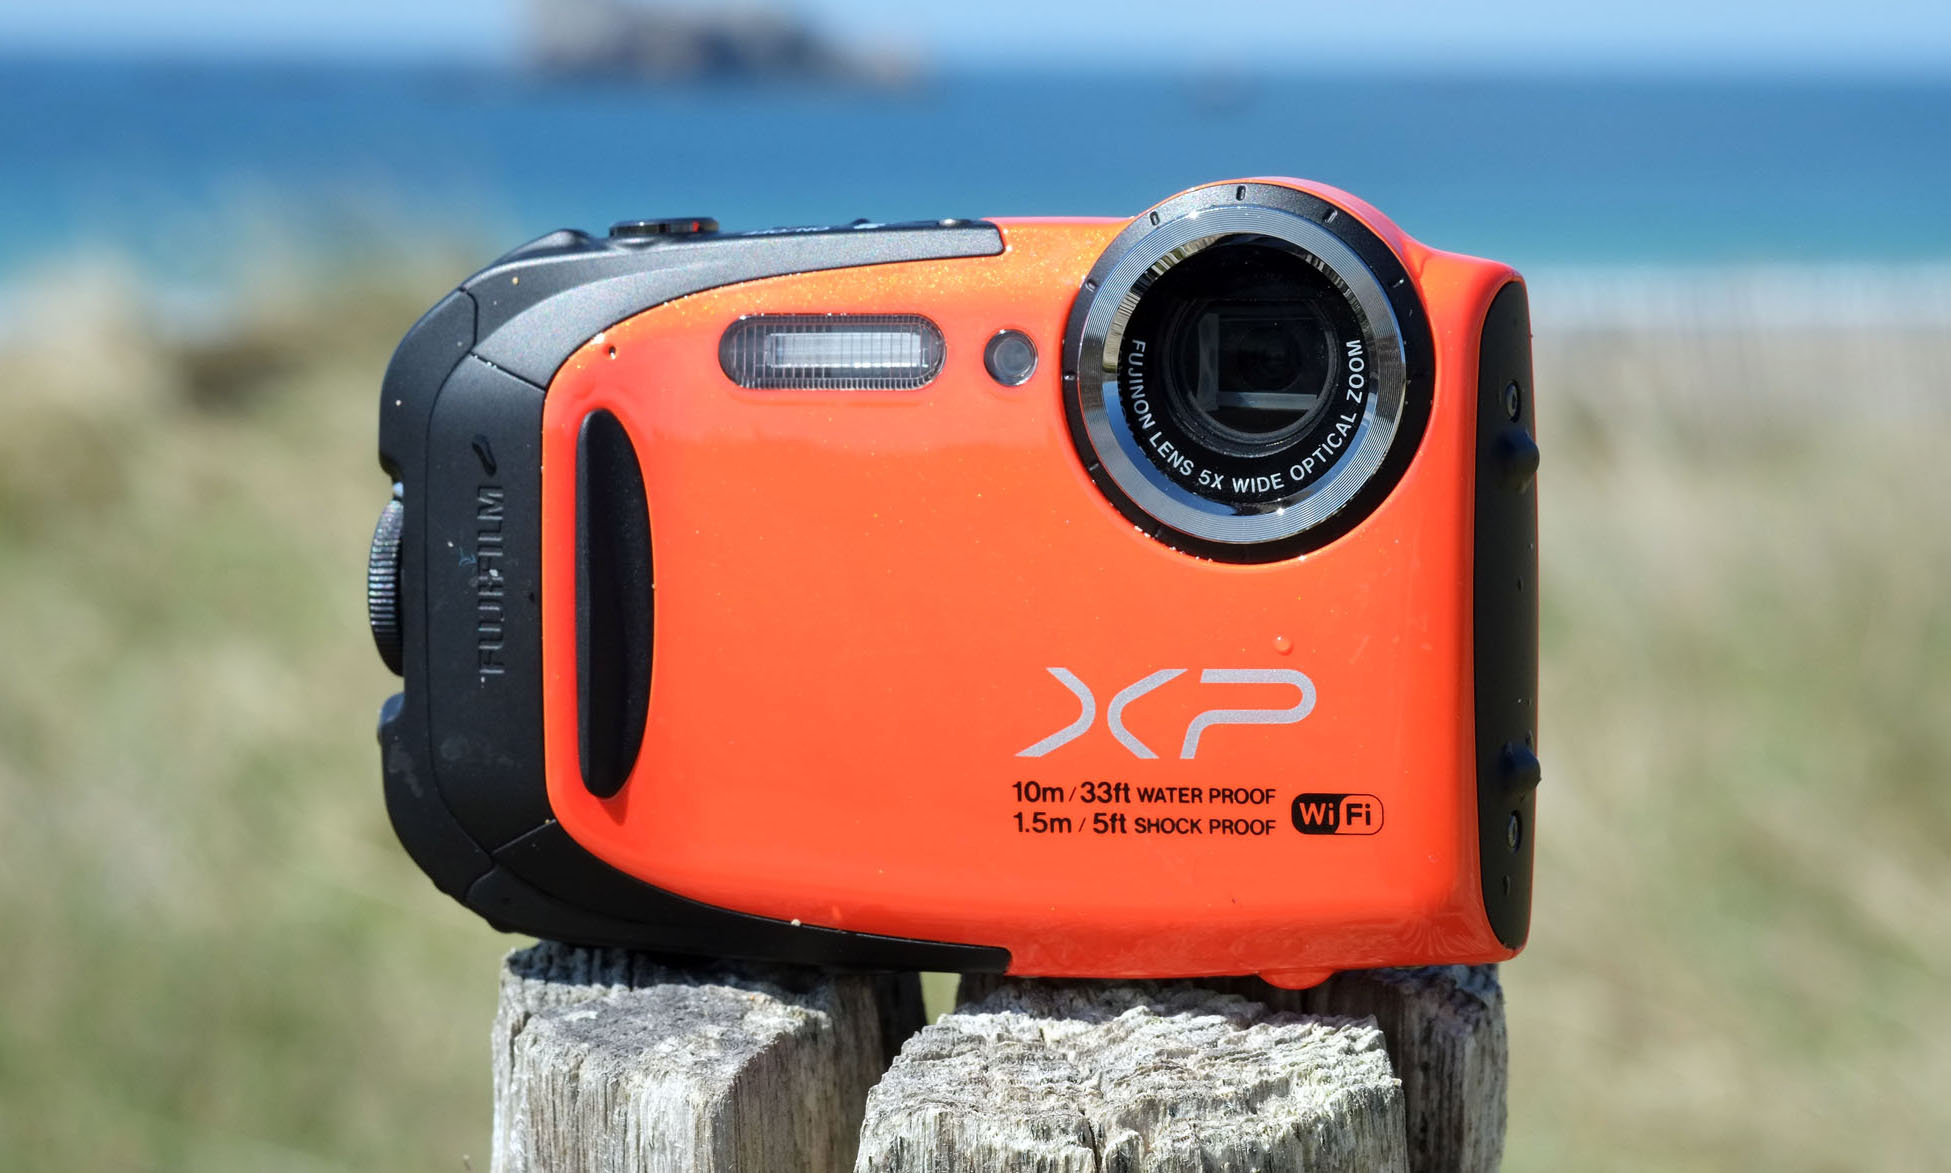 L'appareil photo XP70 waterproof de Fujifilm idéal pour toutes les circonstances et pour aller à la plage.